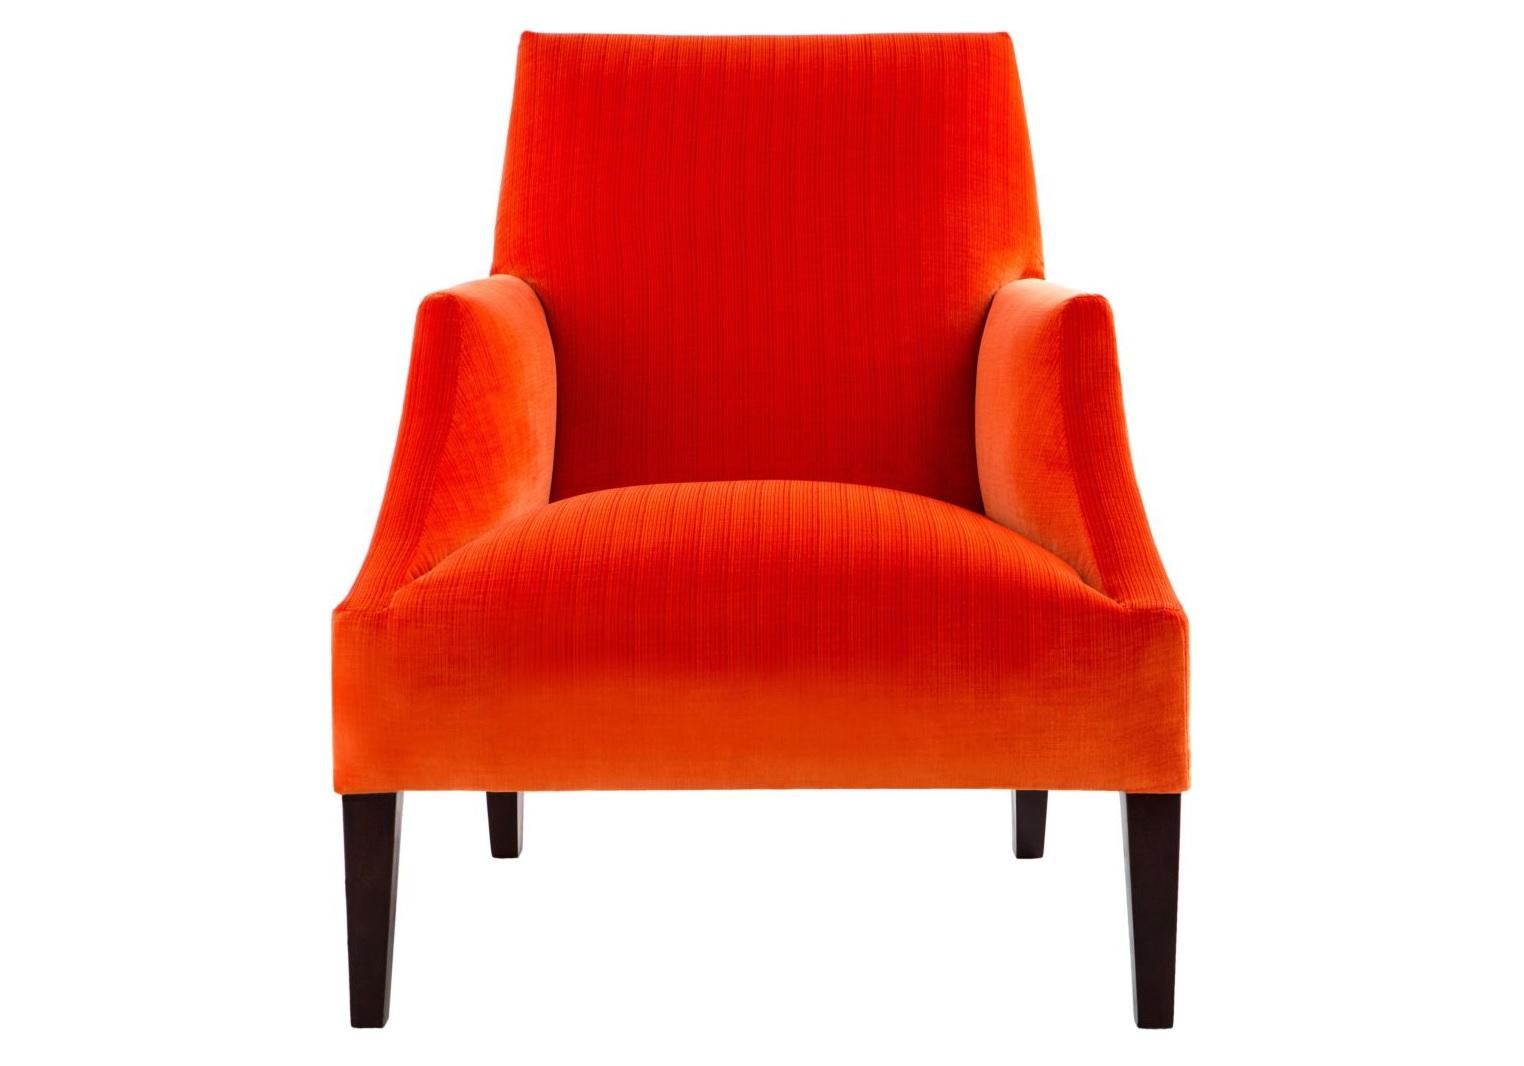 Кресло Limited Edition Gold coast chairИнтерьерные кресла<br><br><br>Material: Текстиль<br>Ширина см: 88<br>Высота см: 86<br>Глубина см: 77